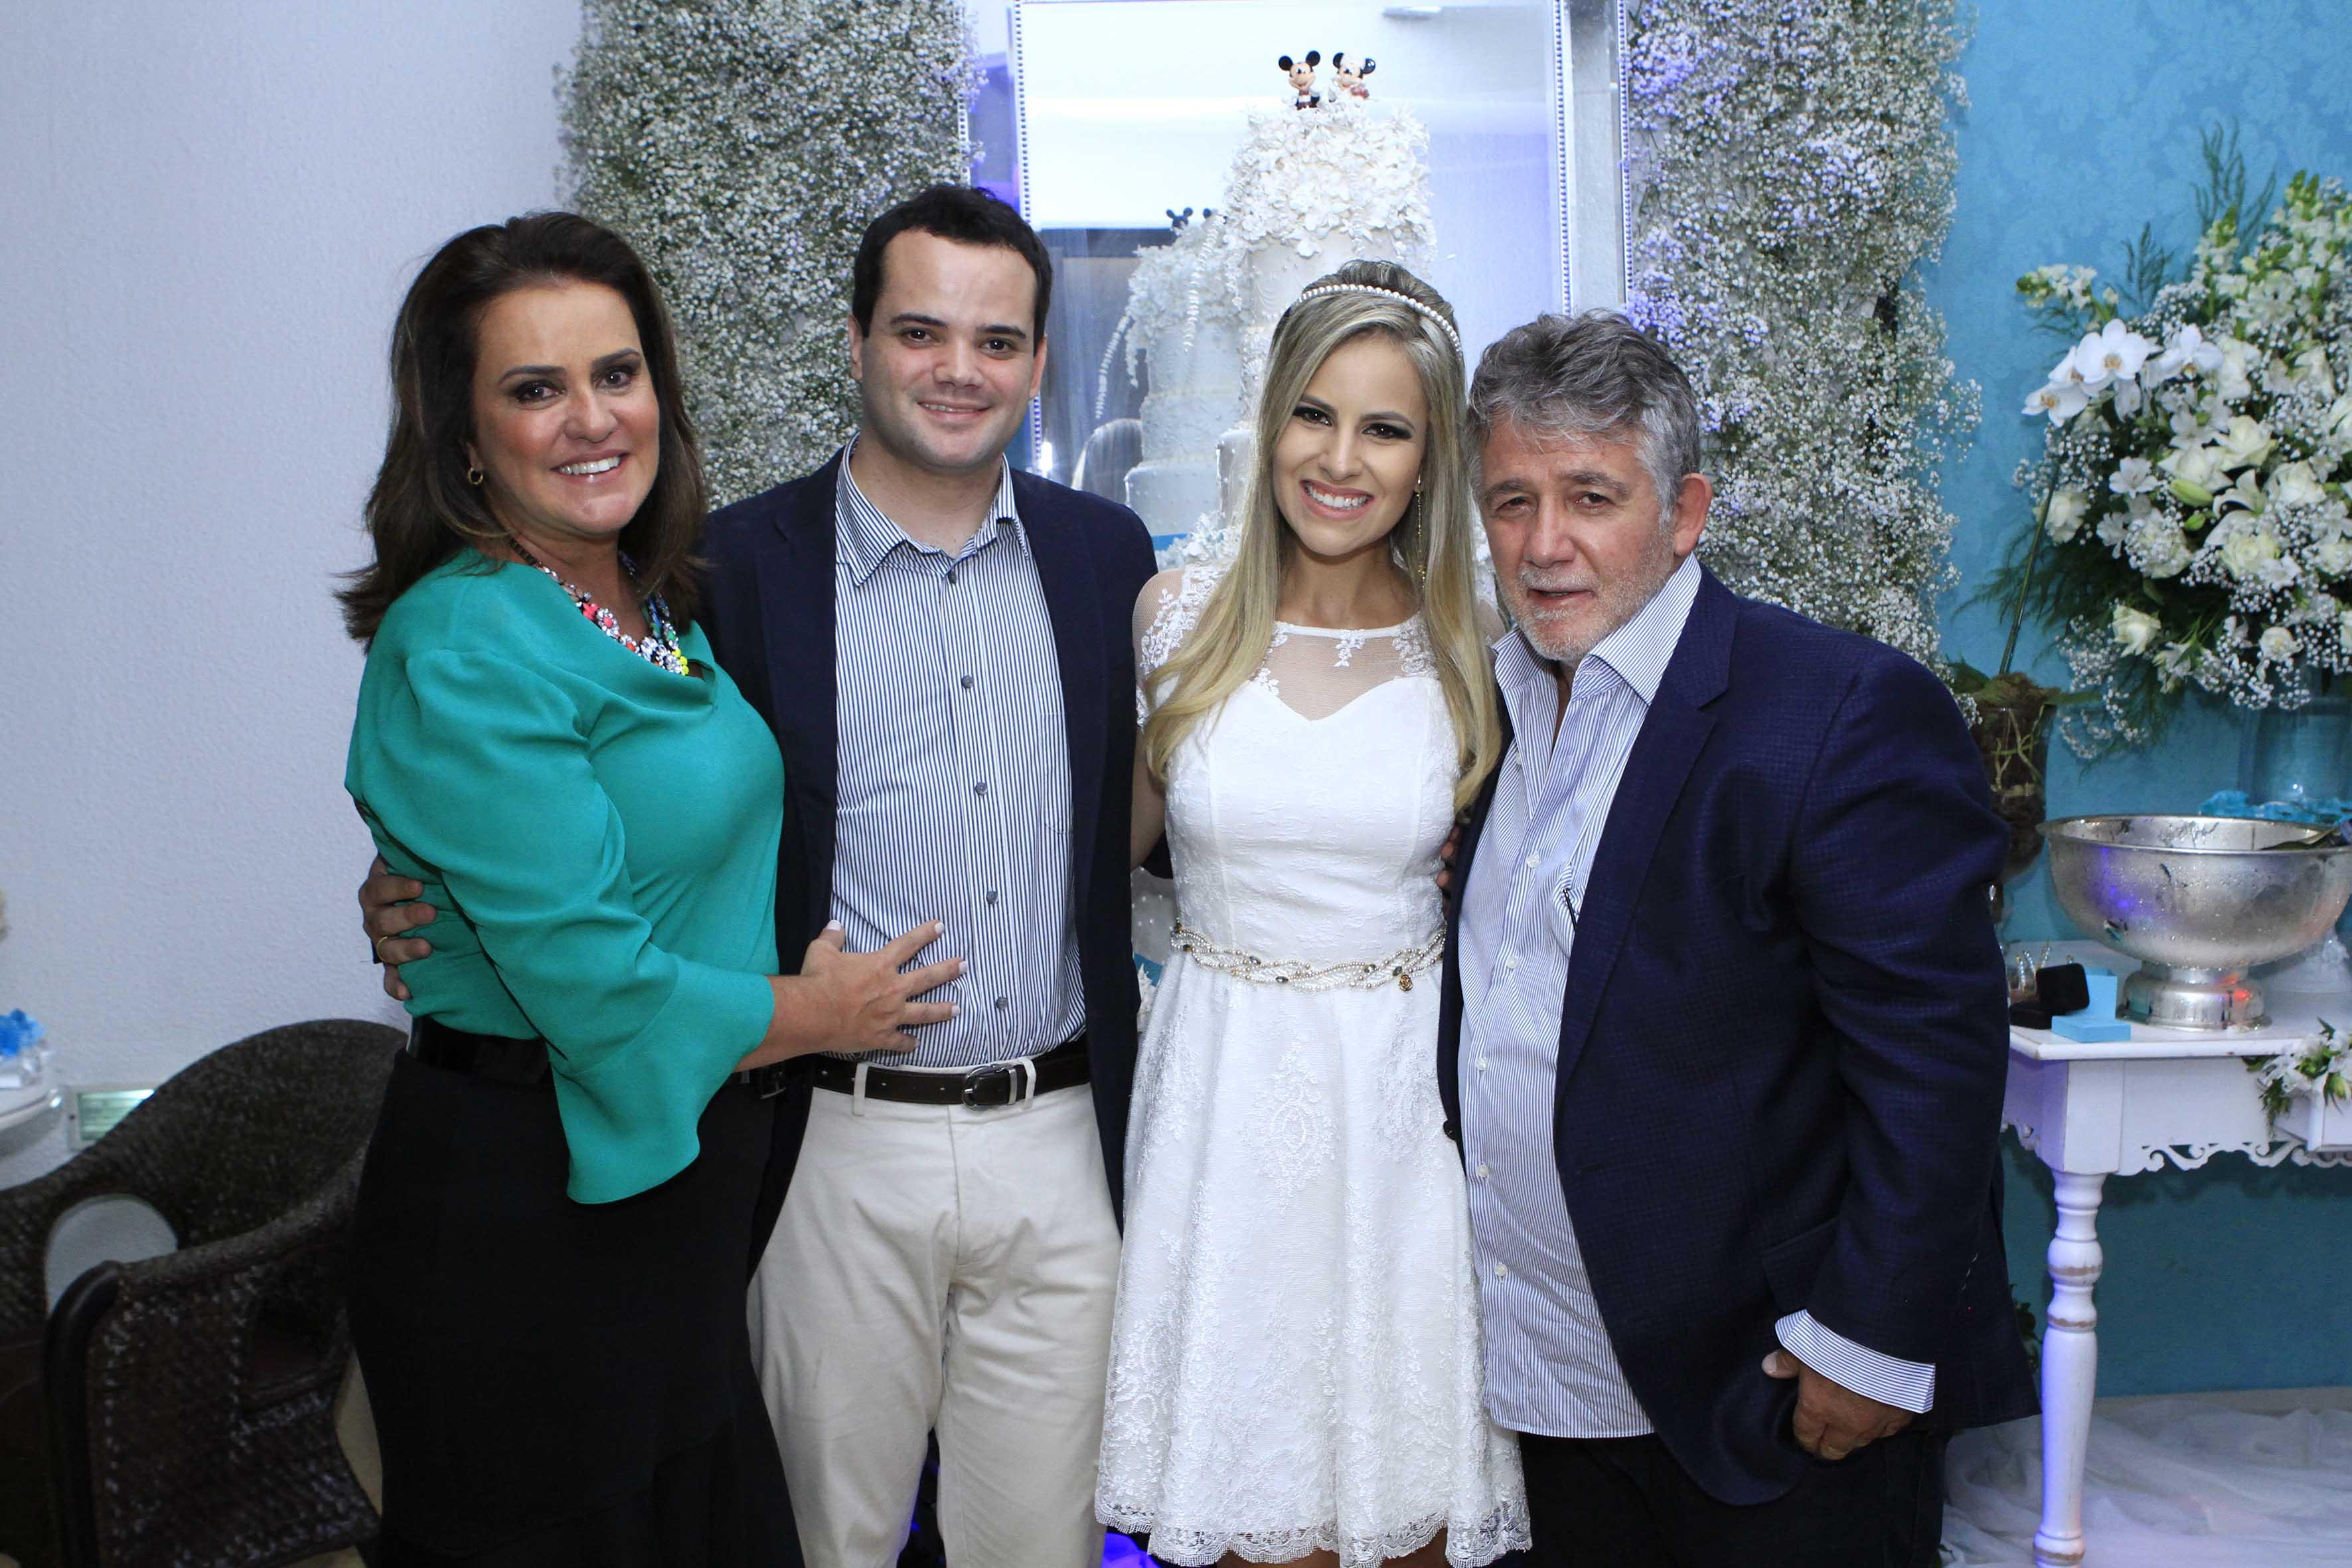 Liza Monteiro, Fabio Ferreira, Mariana Miziara e Everton Machado.